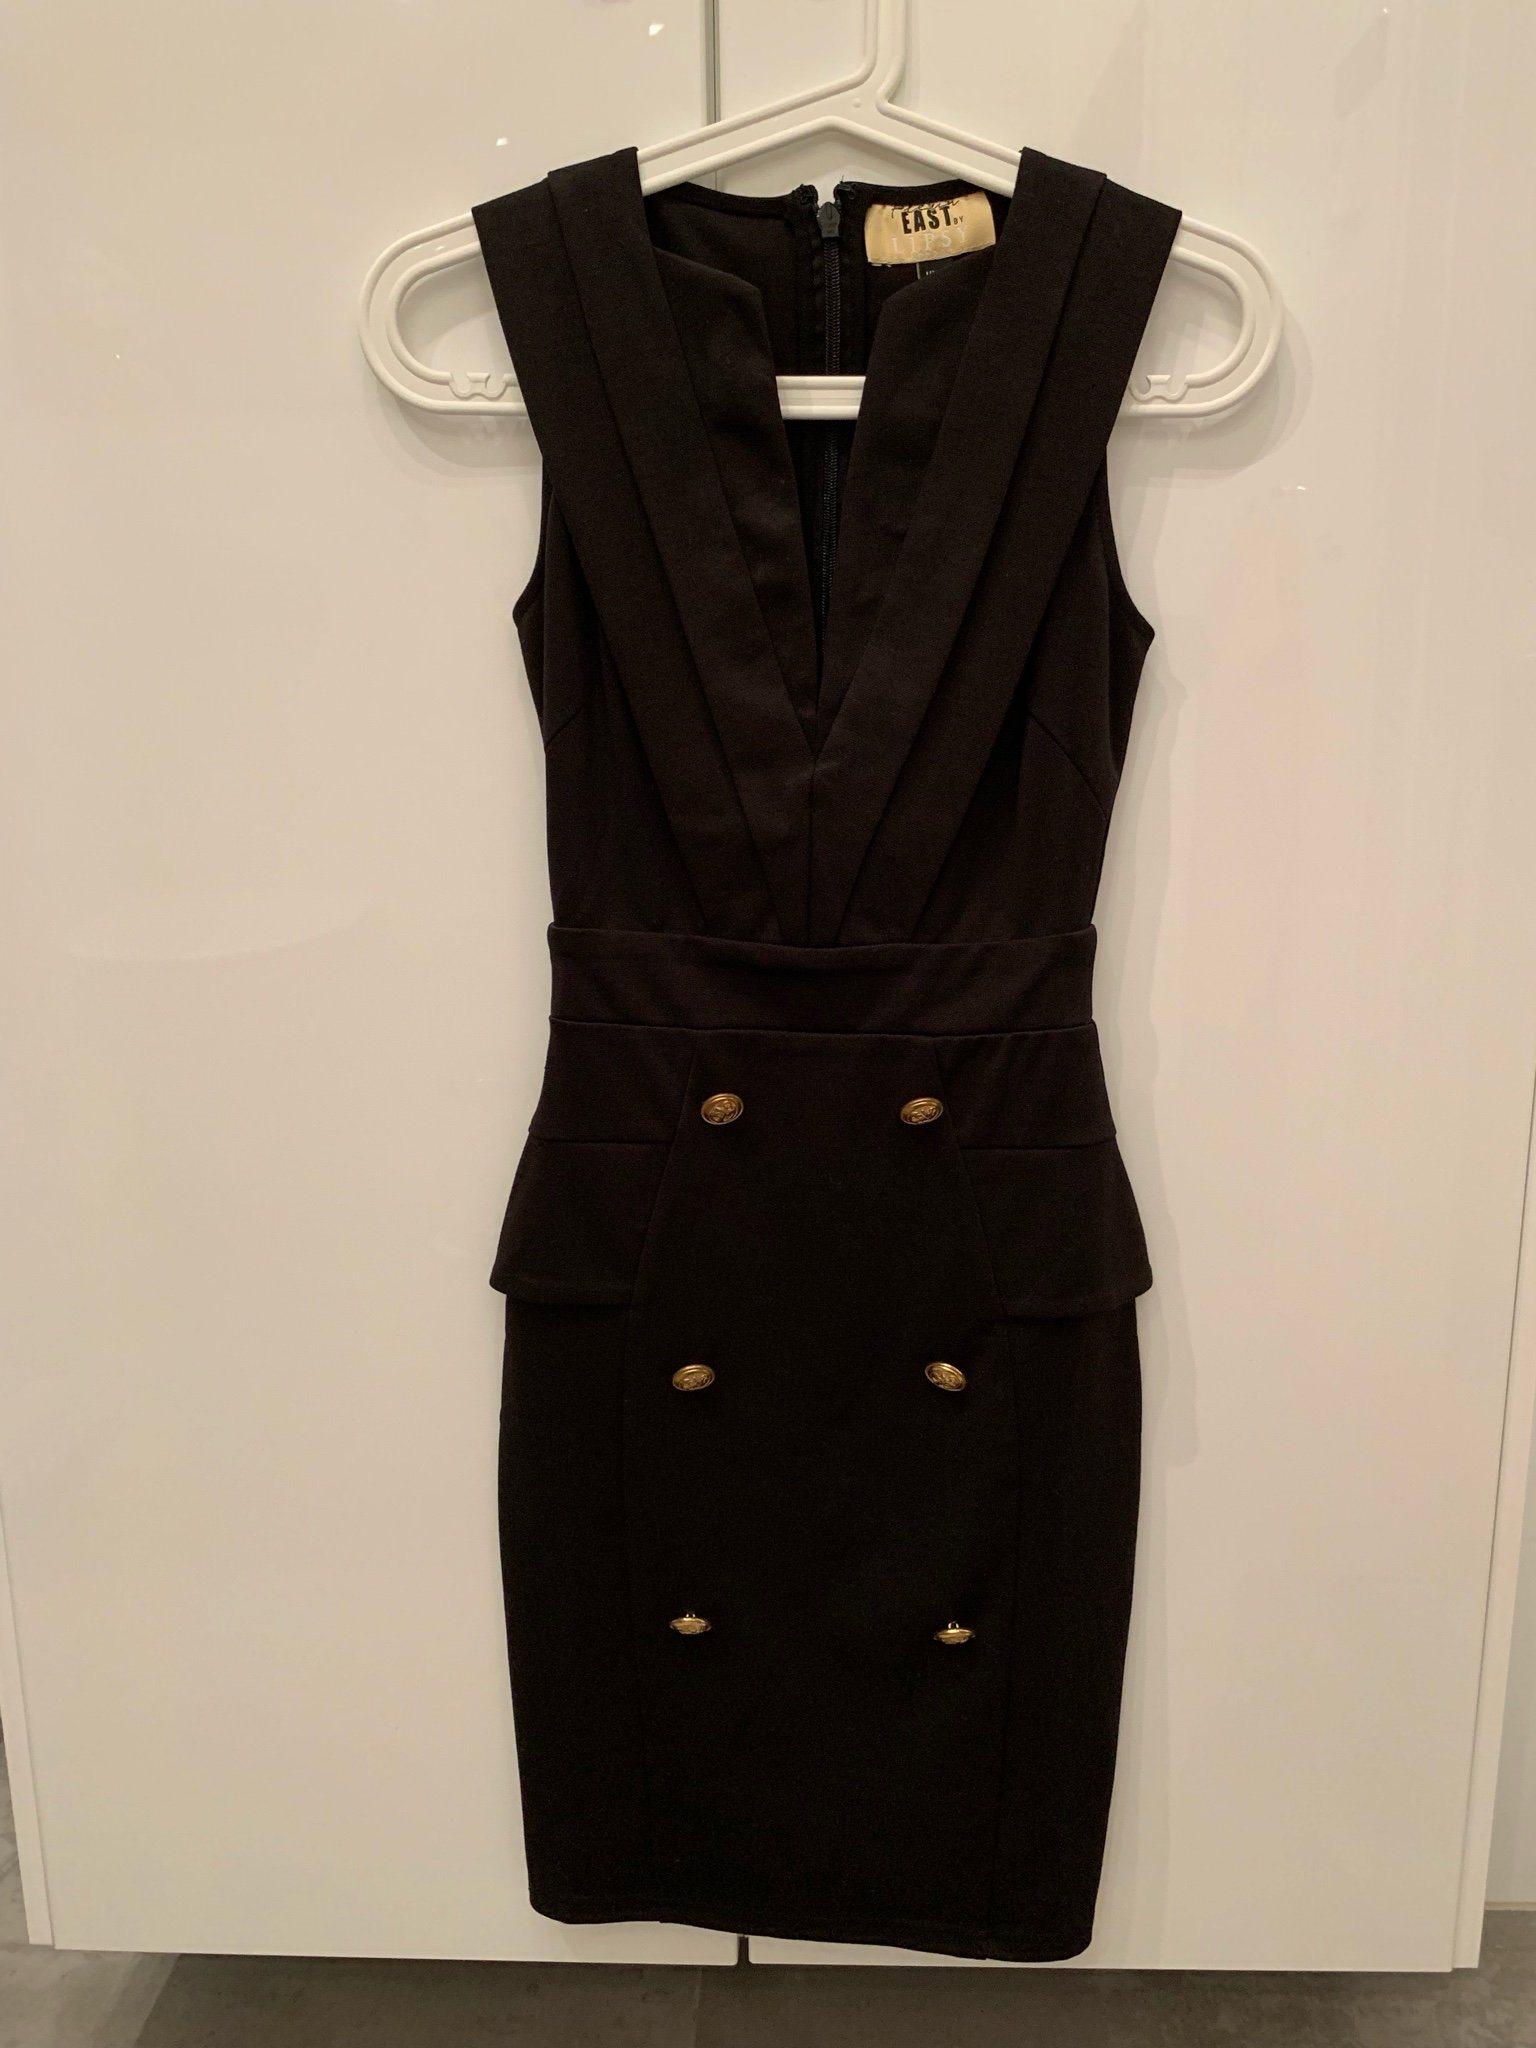 6244f152fdbd Stilren klänning från asos (342729395) ᐈ Köp på Tradera